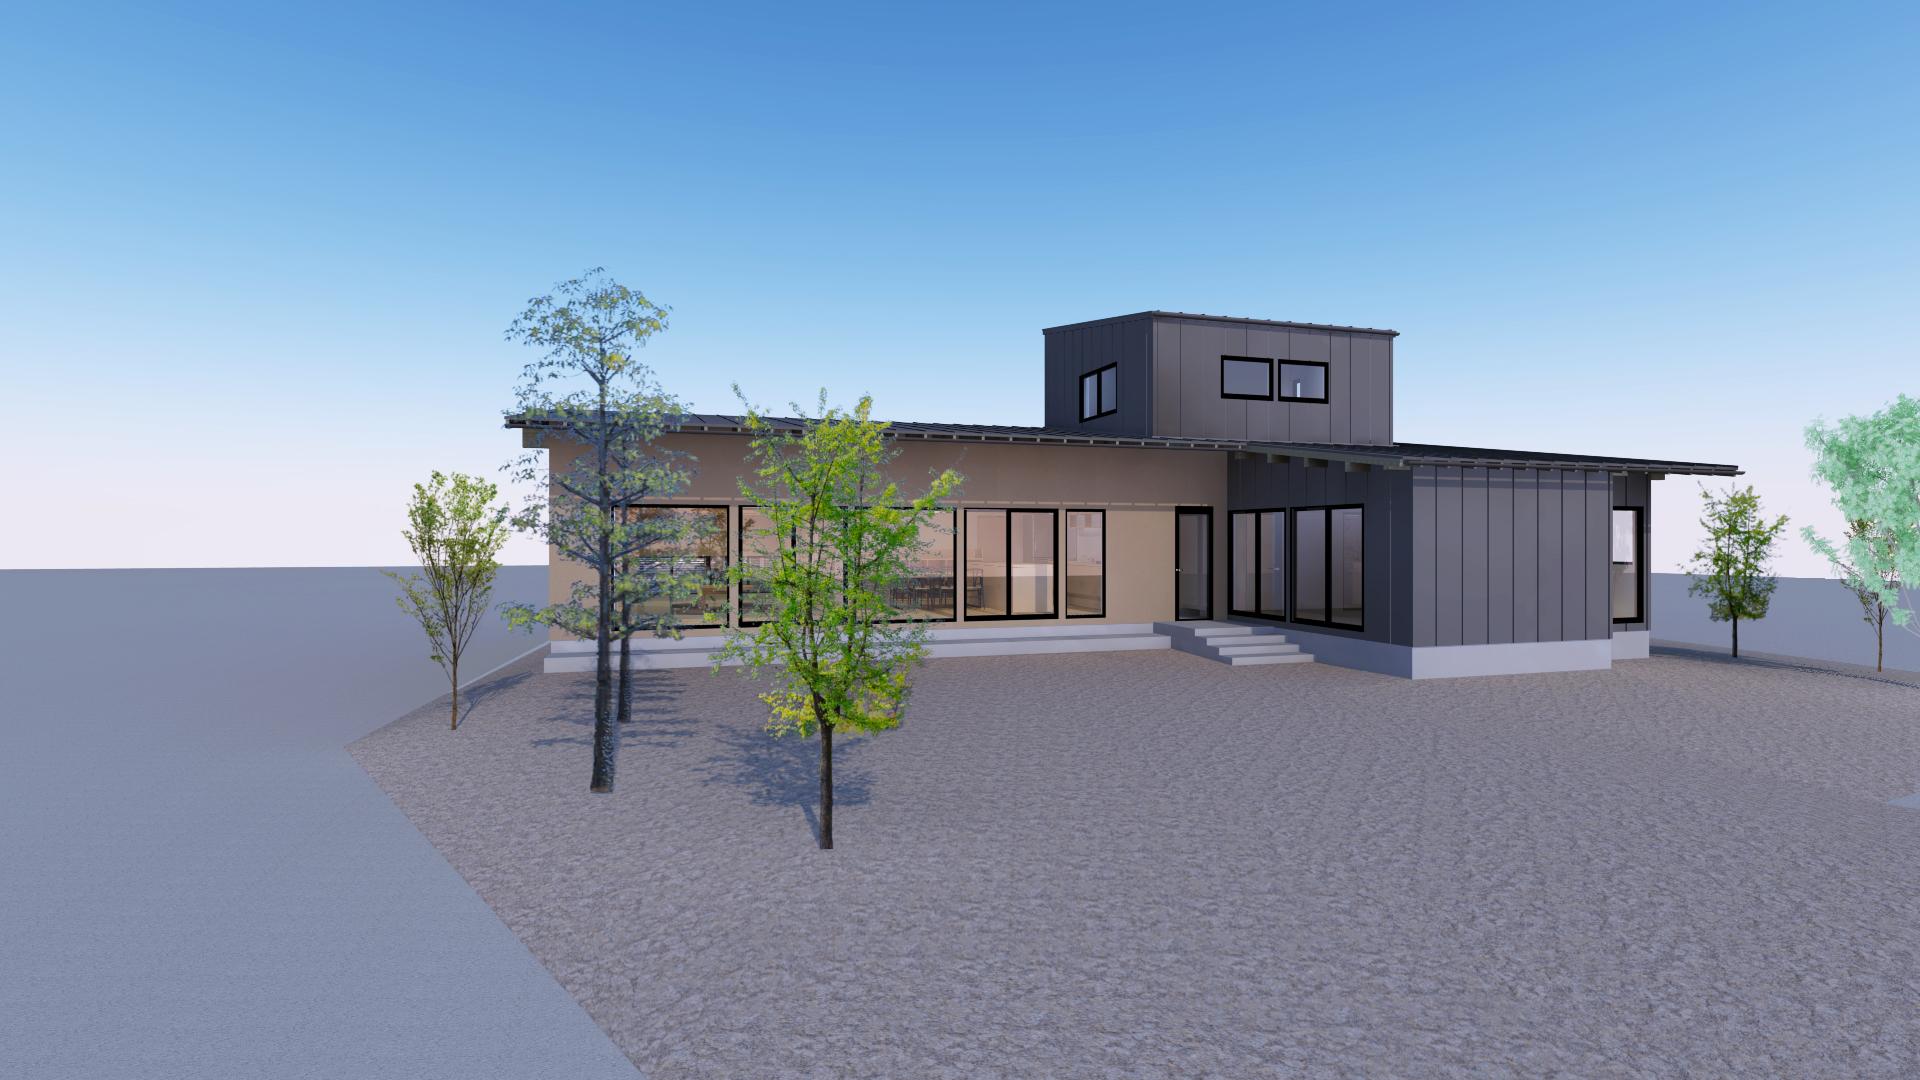 燕市小池オープンハウス、ほぼ平屋の3世帯住居。主庭をL型に囲むように居間と寝室を配置。